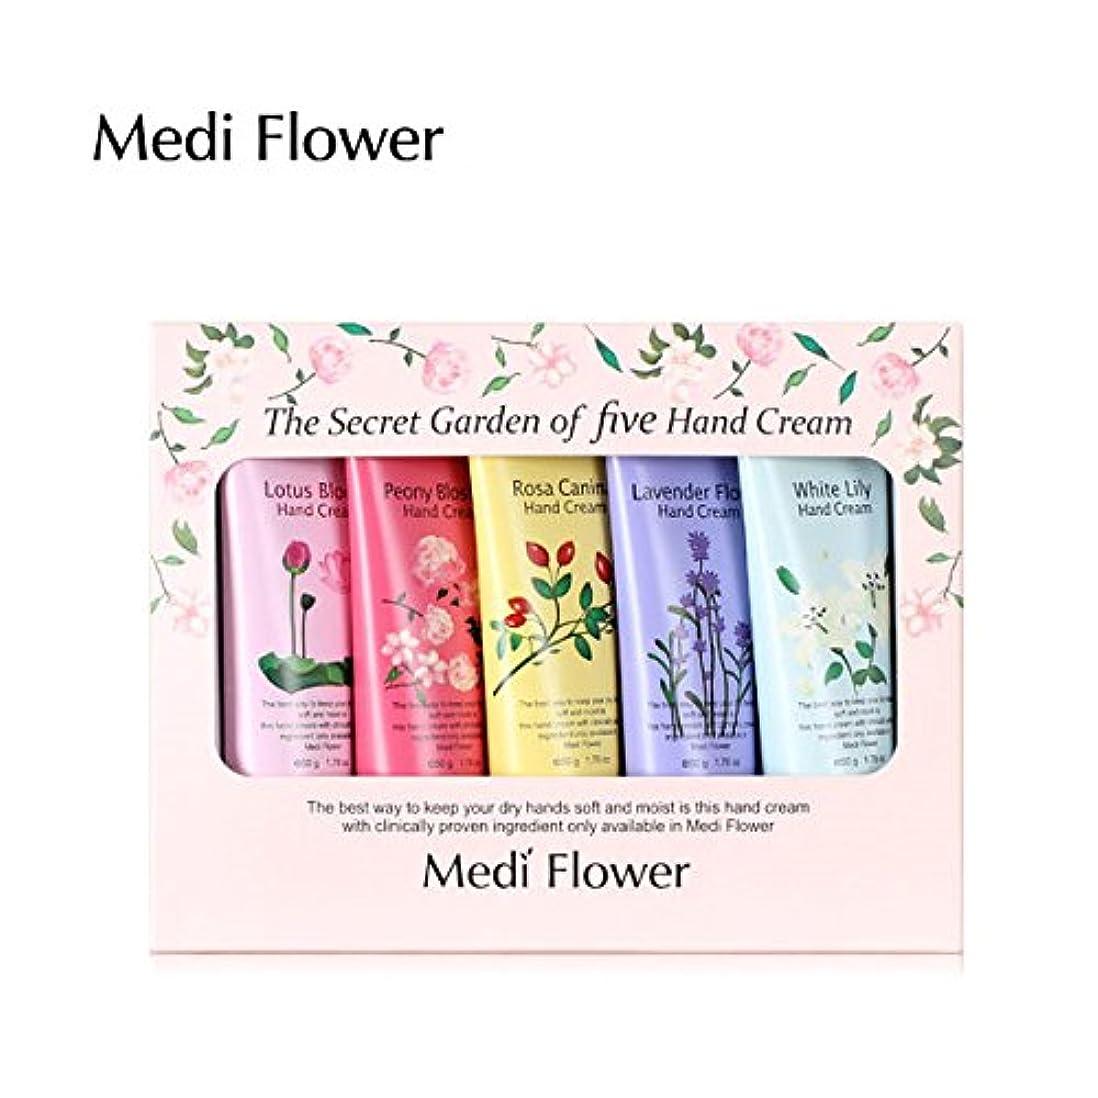 溶かす読書をする静的[MediFlower] ザ?シークレットガーデン?ハンドクリームセット(50g x 5個) / The Secret Garden of Five Hand Cream Set